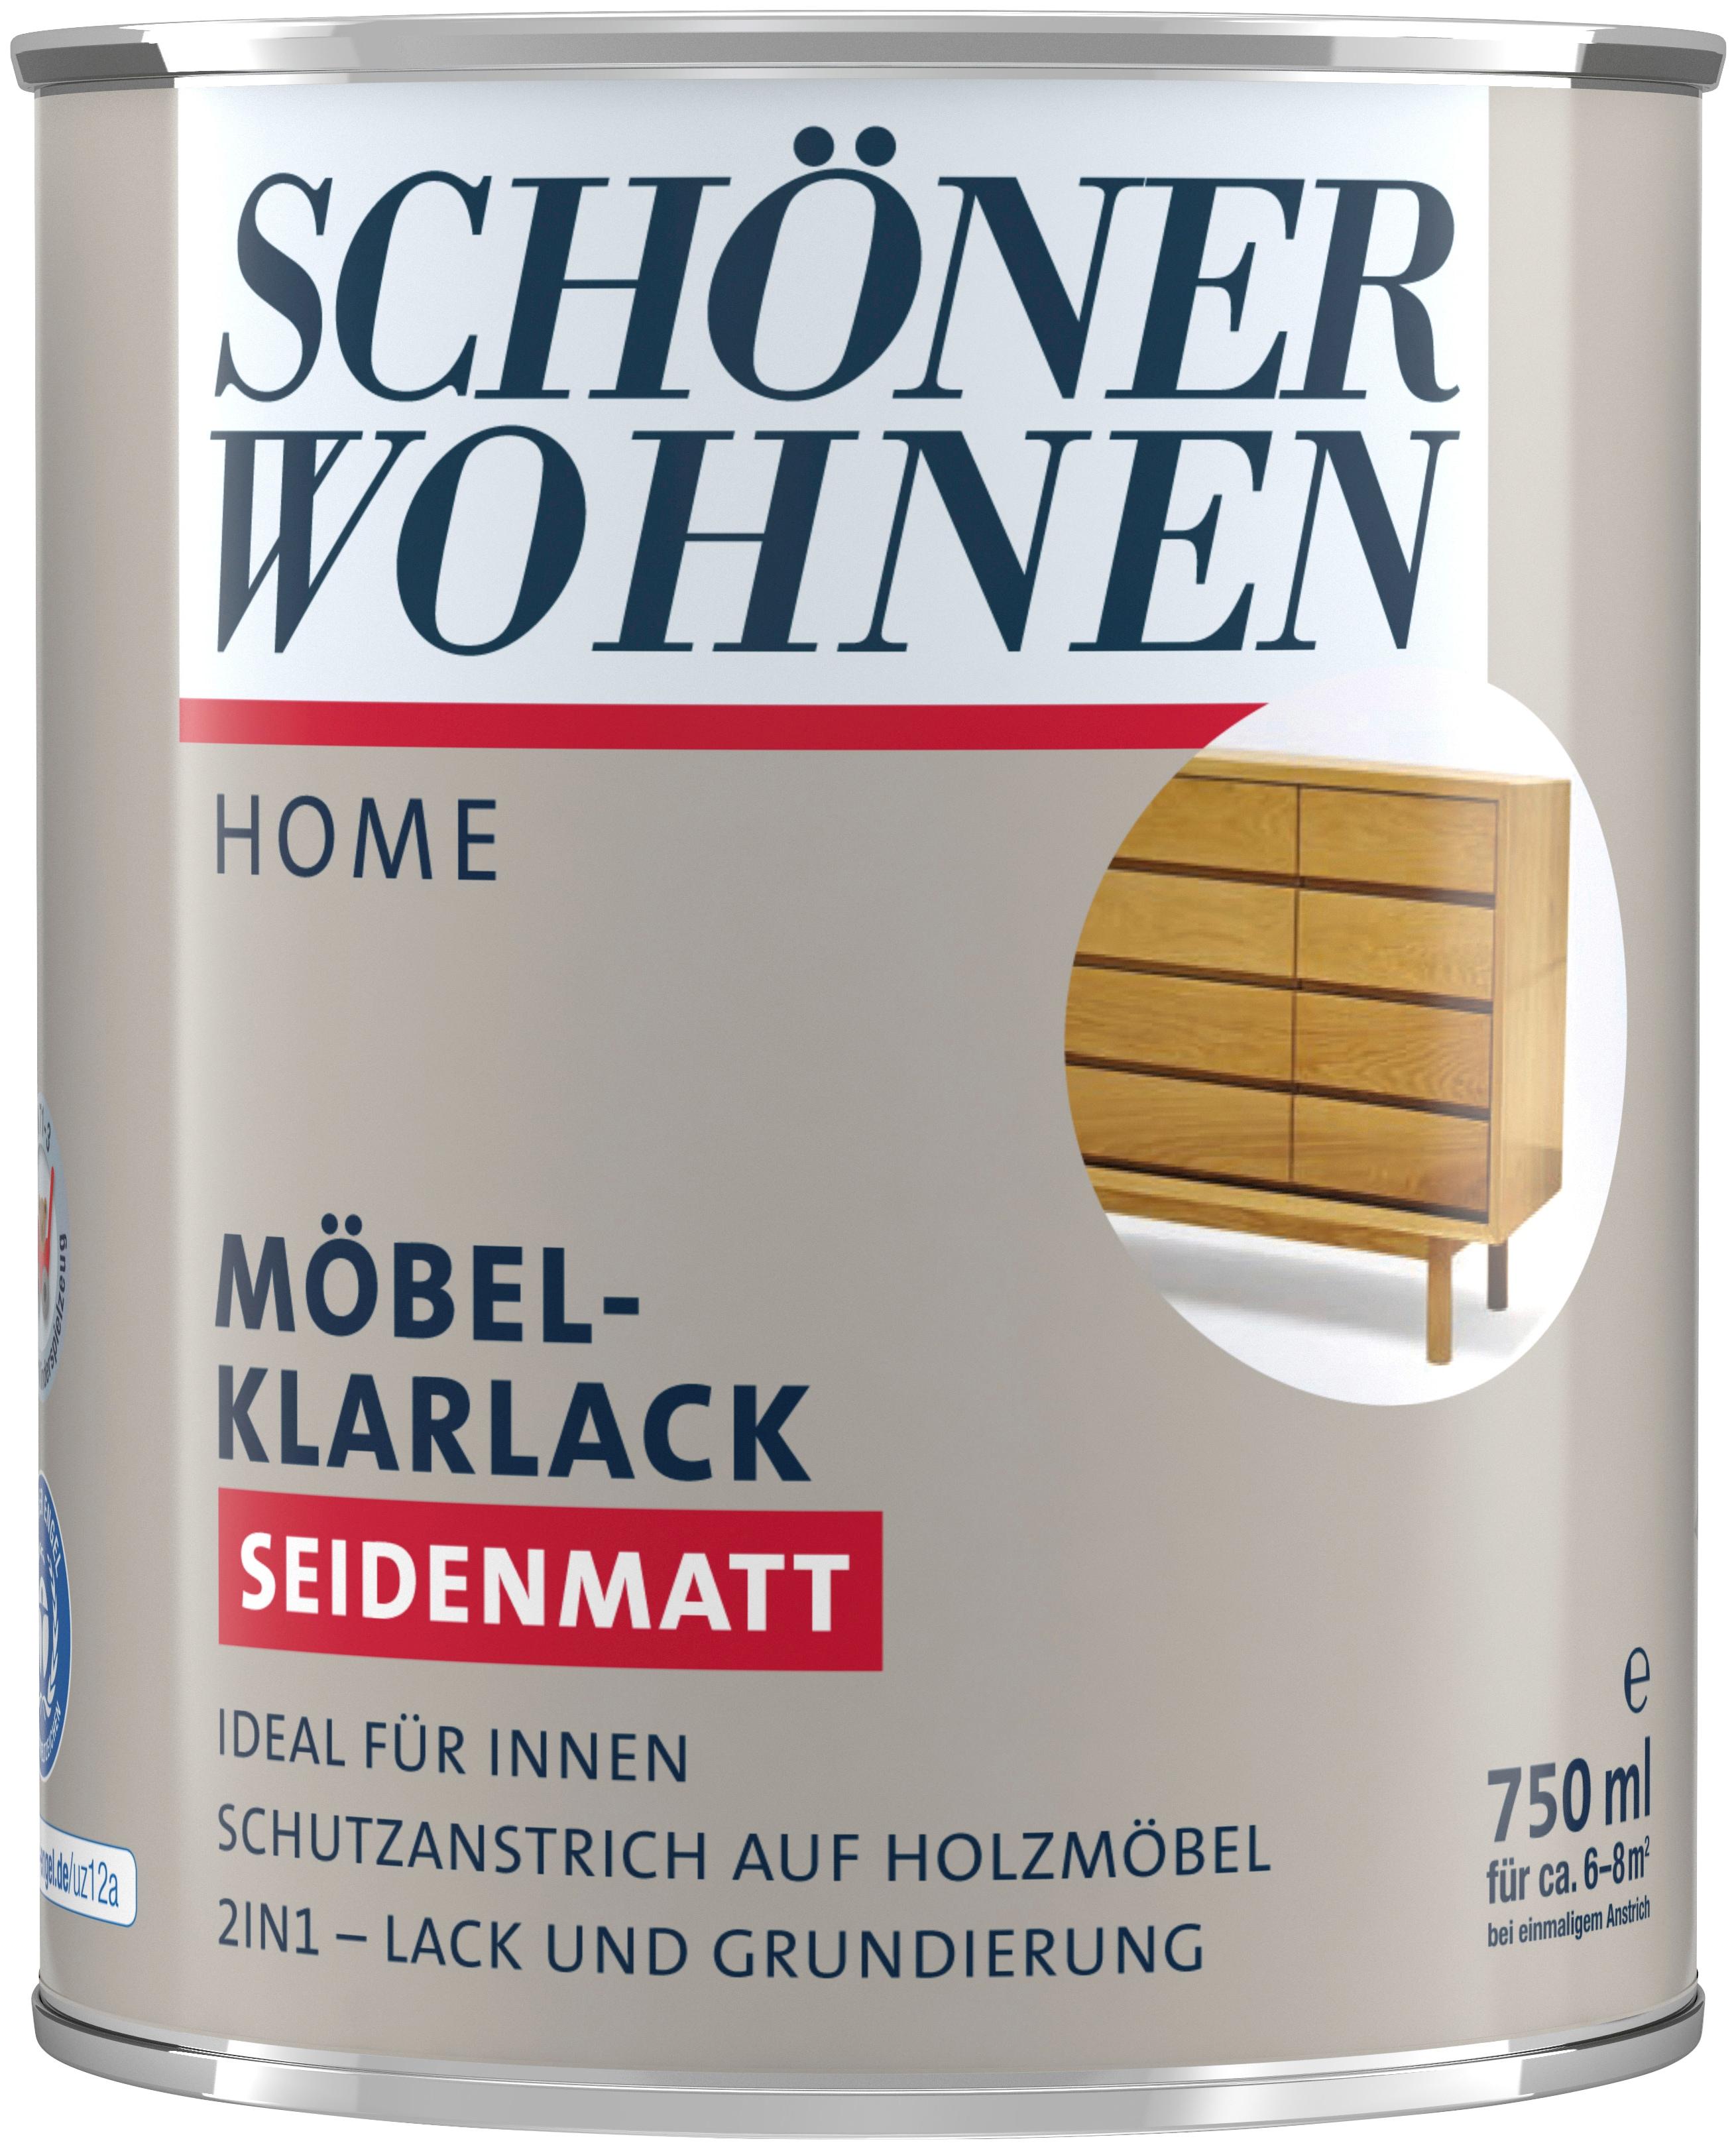 SCHÖNER WOHNEN-Kollektion Klarlack Home Möbel-Klarlack farblos Lacke Farben Bauen Renovieren